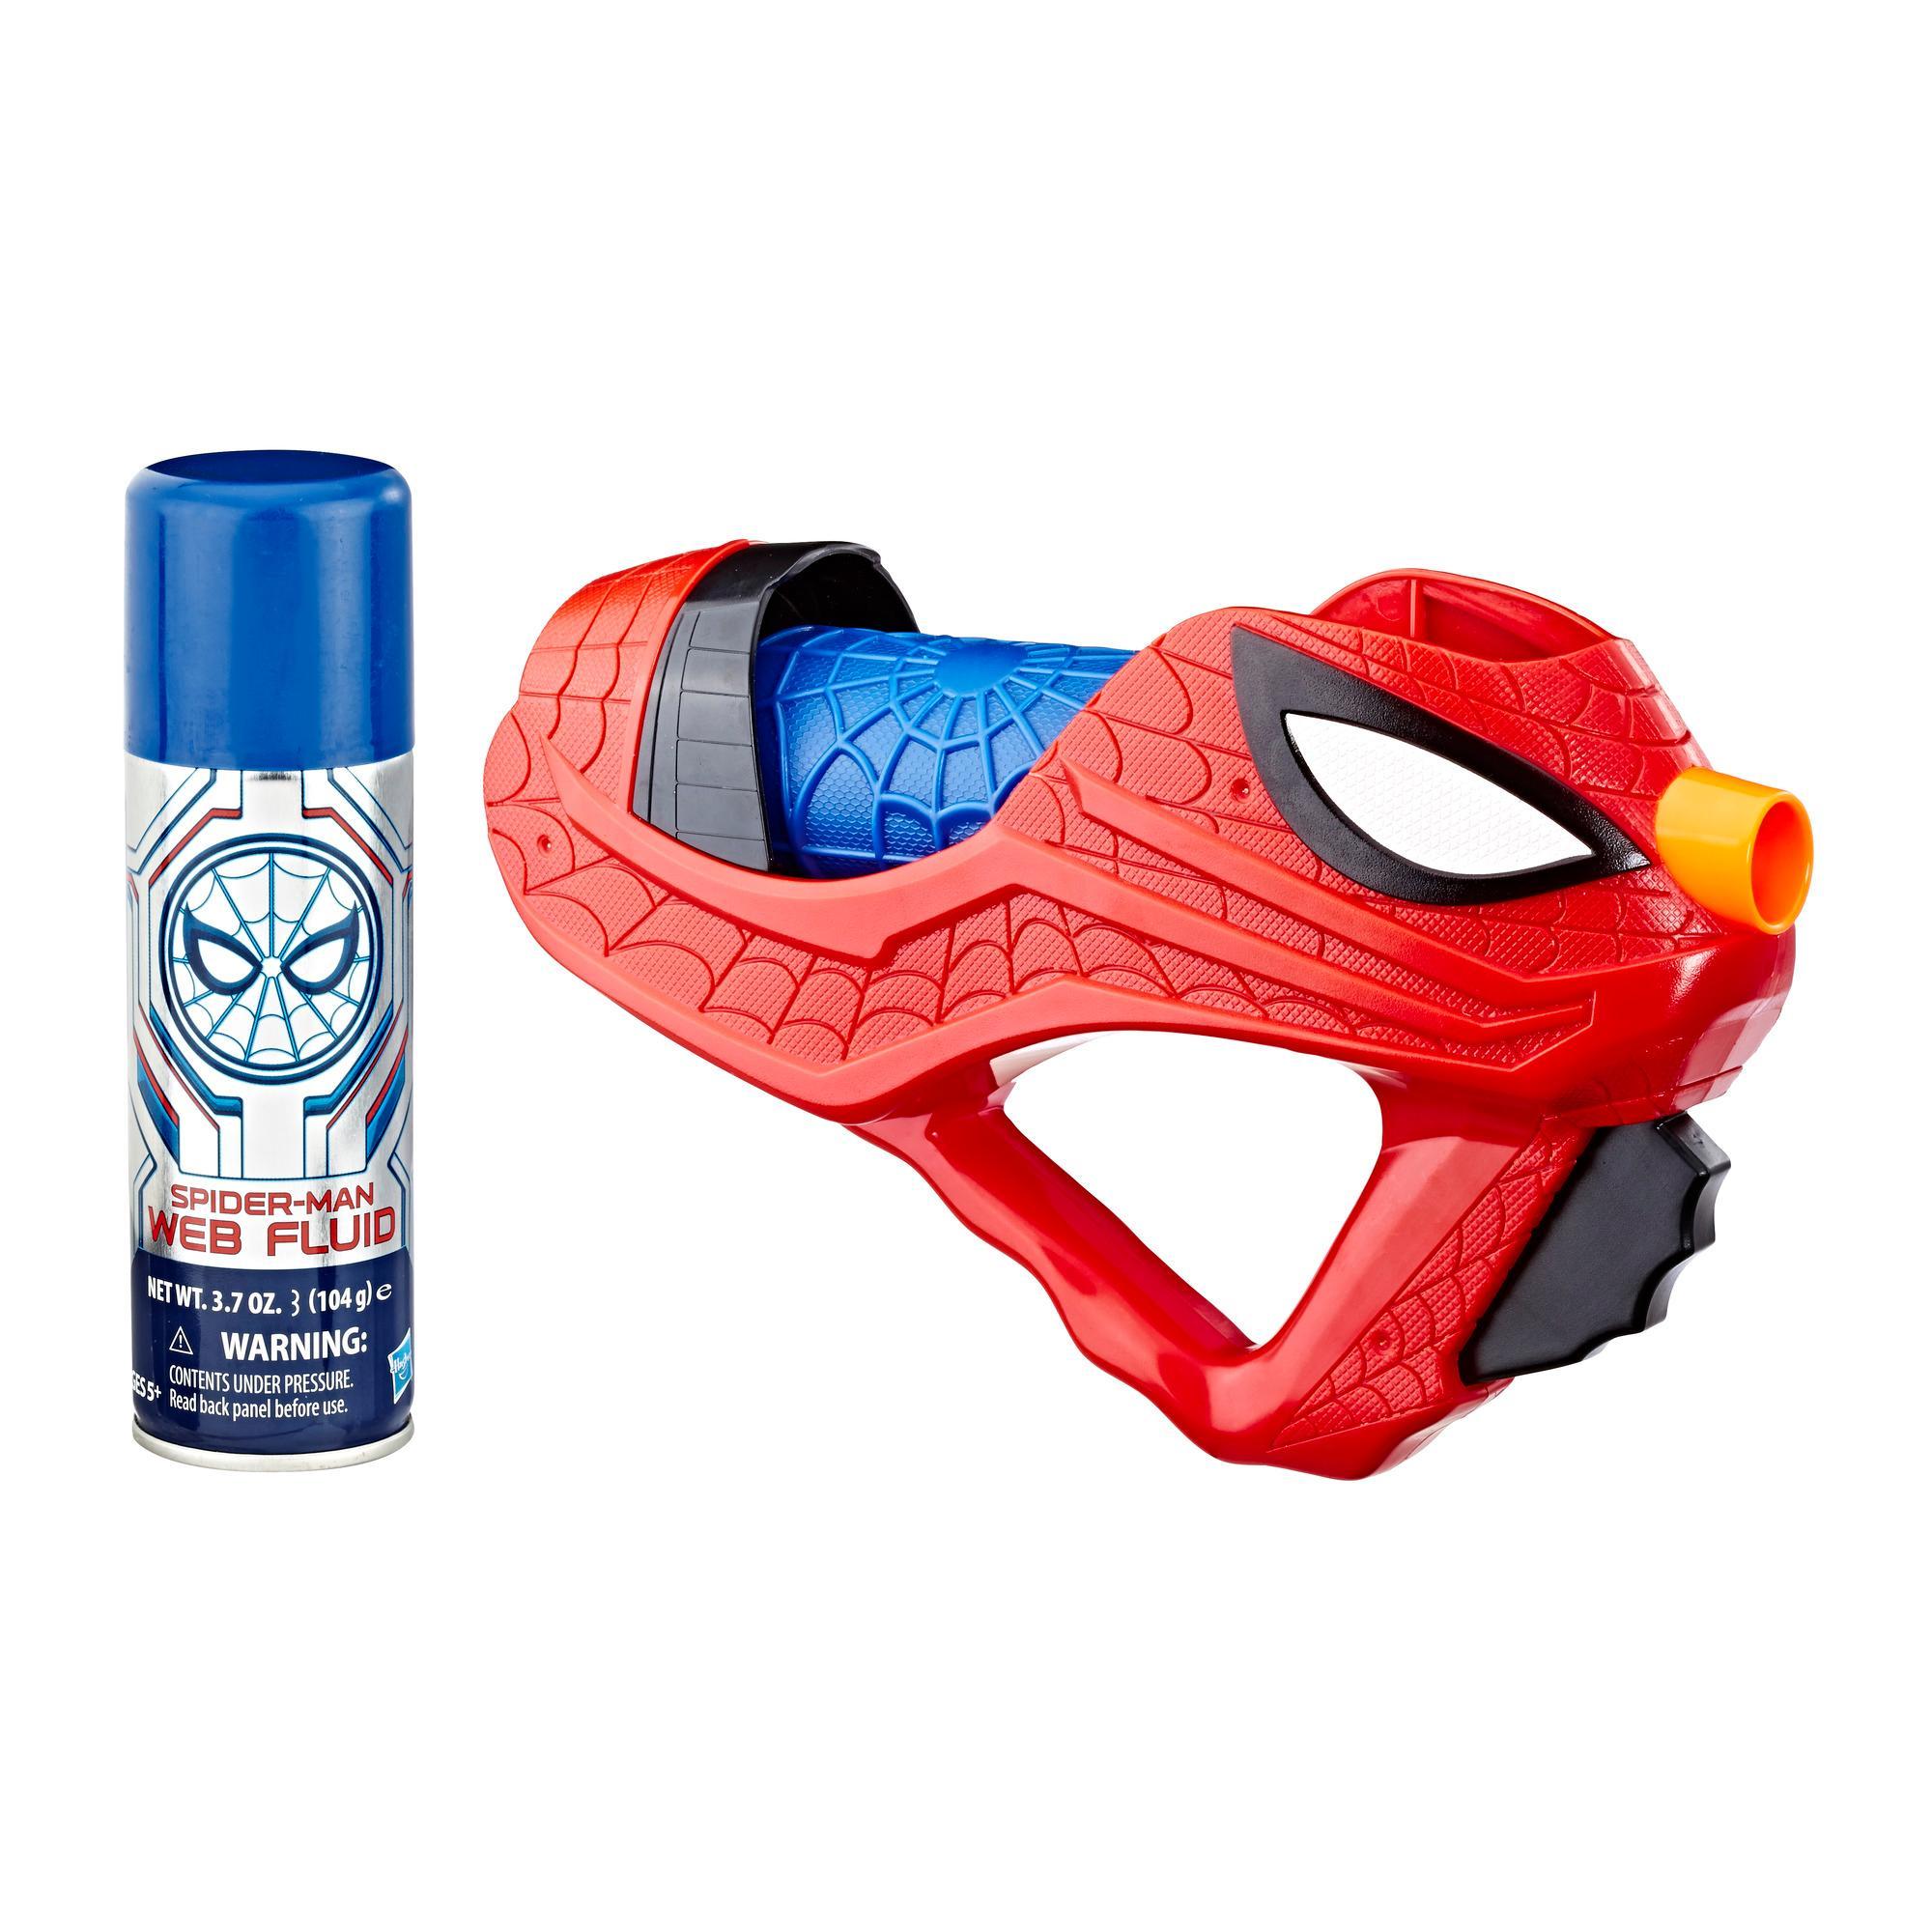 Spider-Man: Far From Home Spider-Man Web Burst Blaster Toy